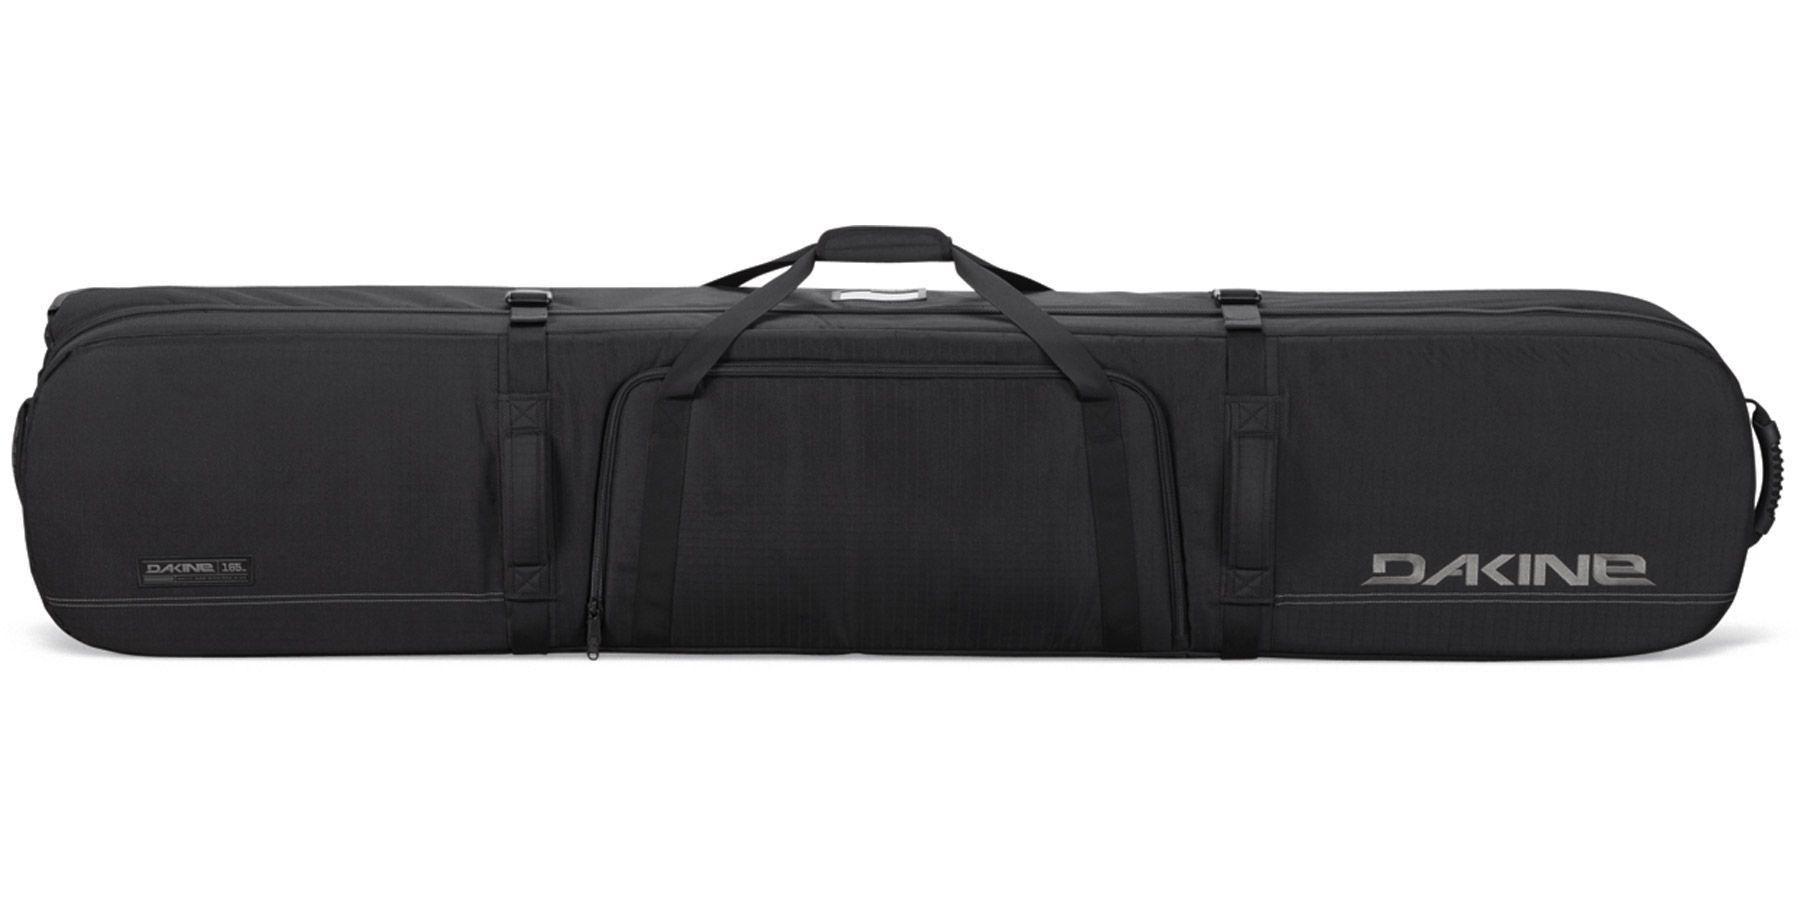 Details about  /Dakine Unisex High Roller Snowboard Bag 165 cm Black